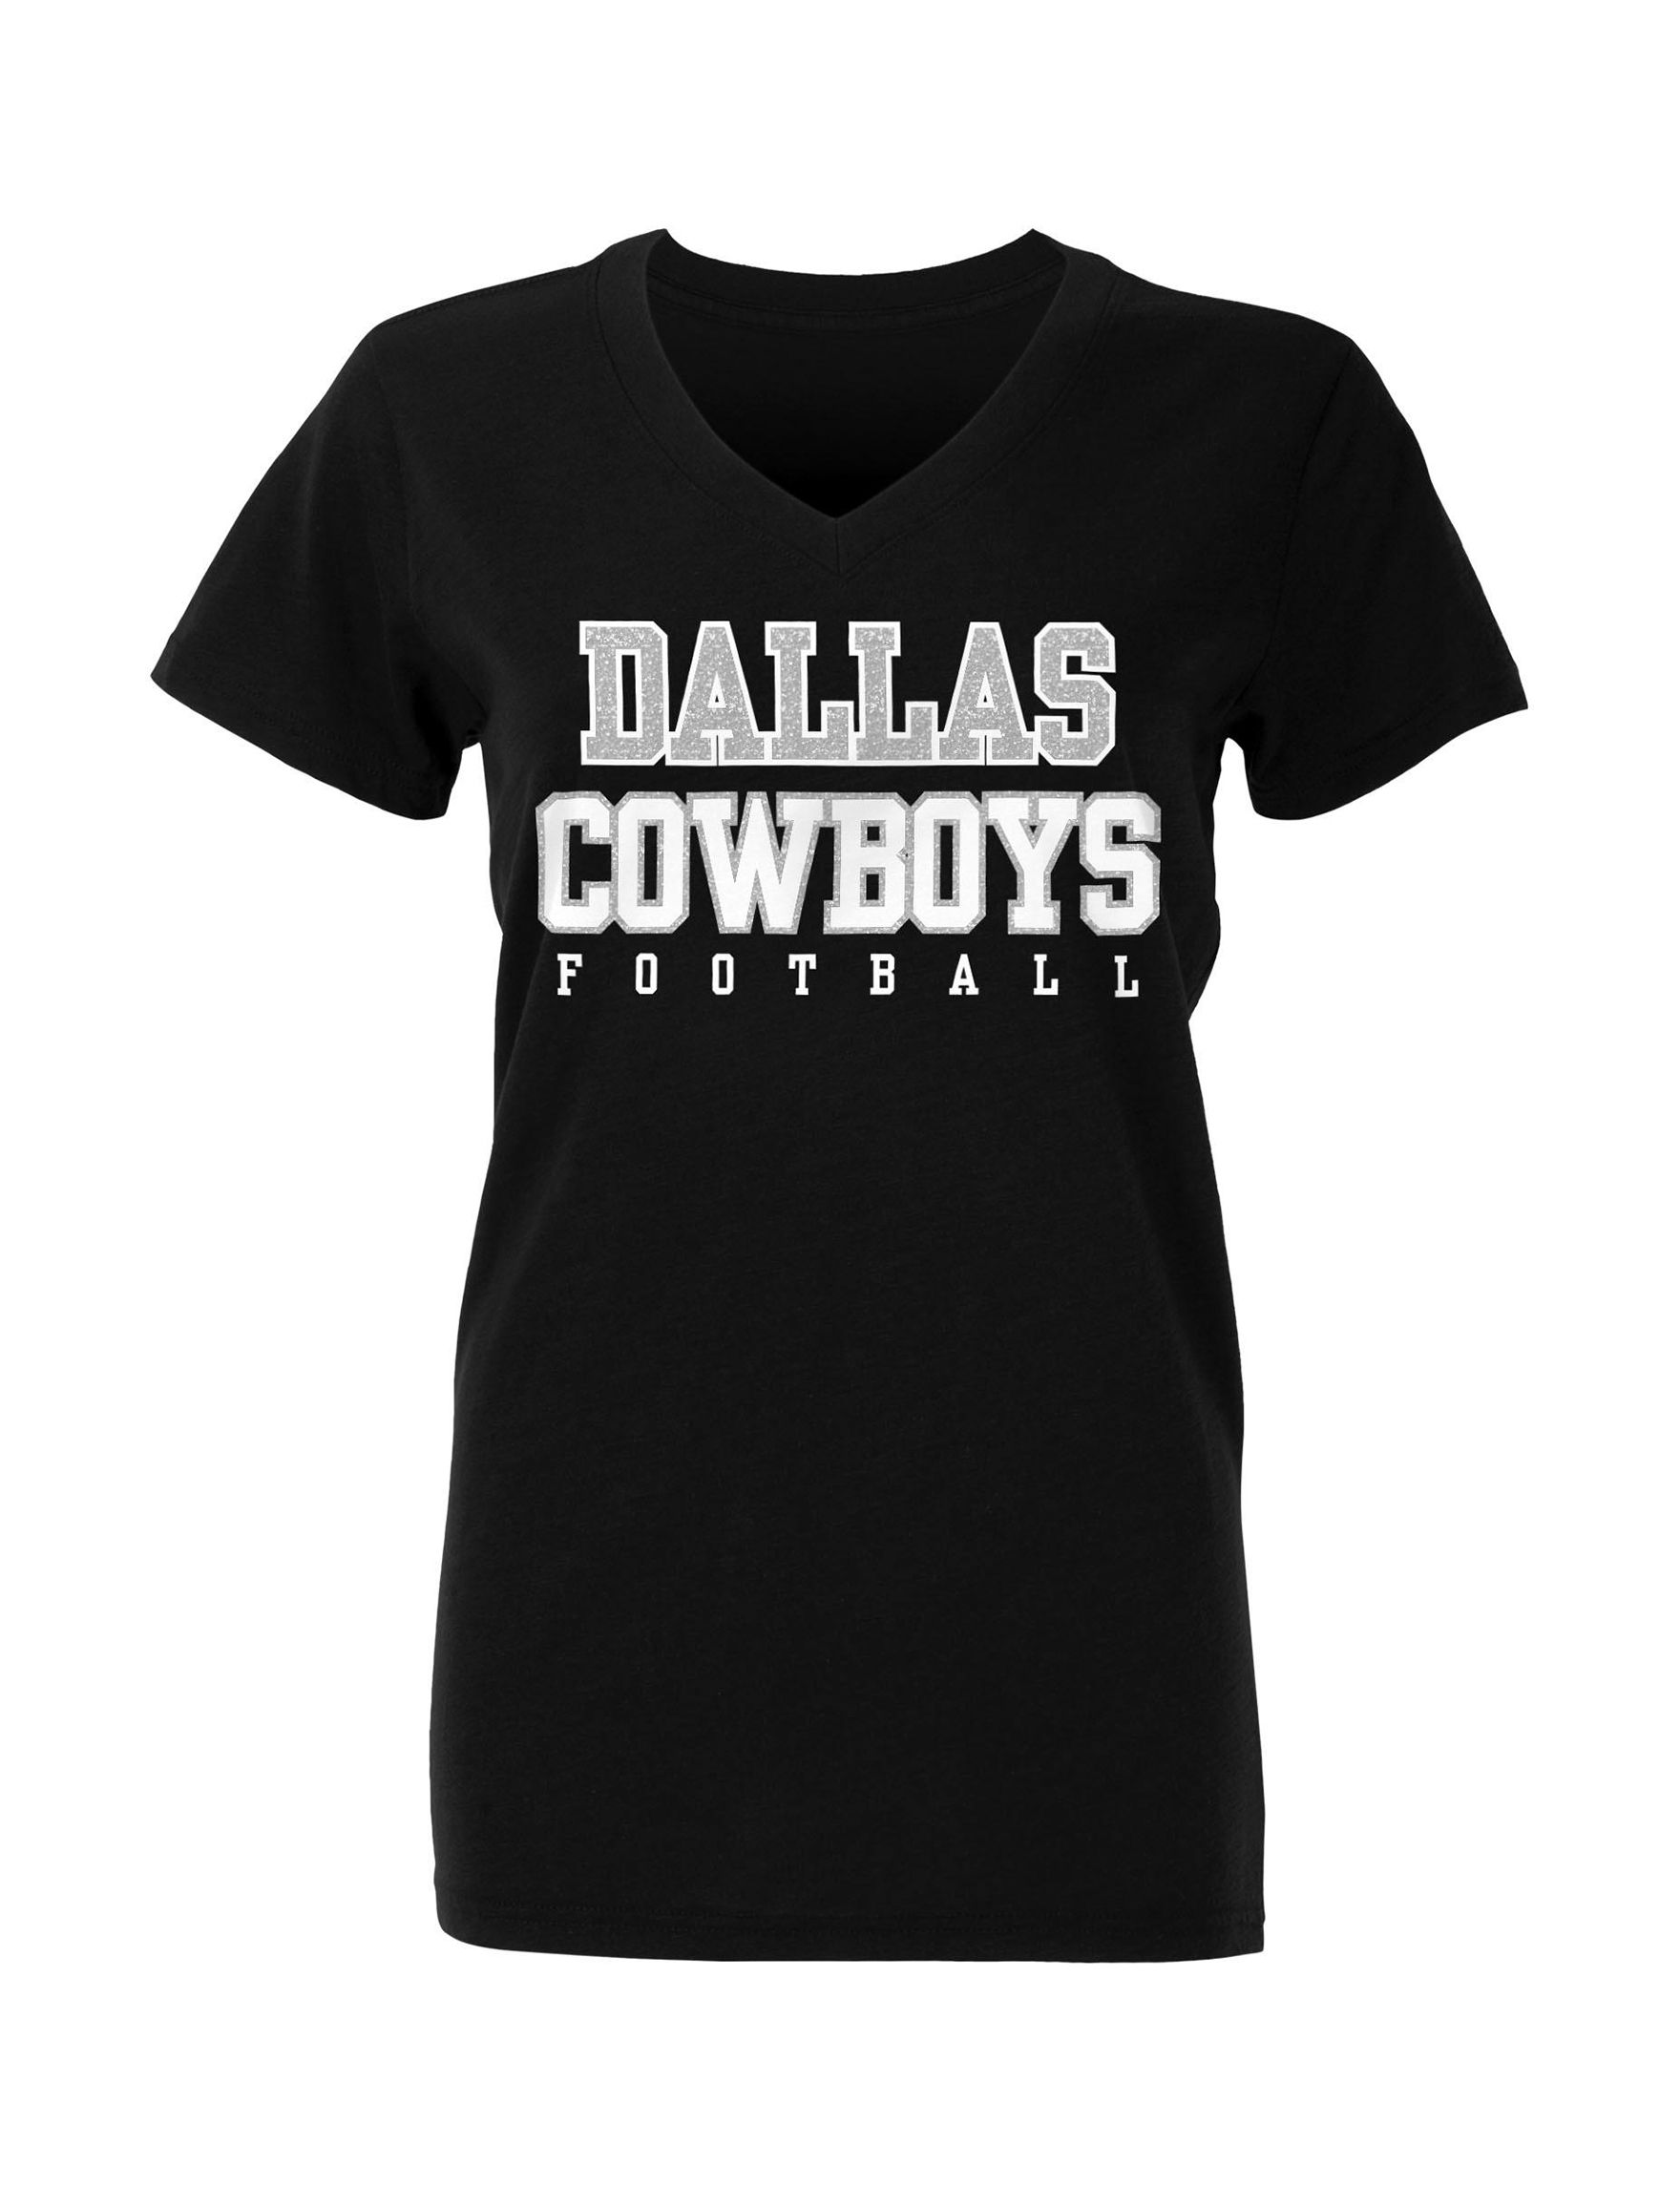 NFL Black Shirts & Blouses Tees & Tanks NFL